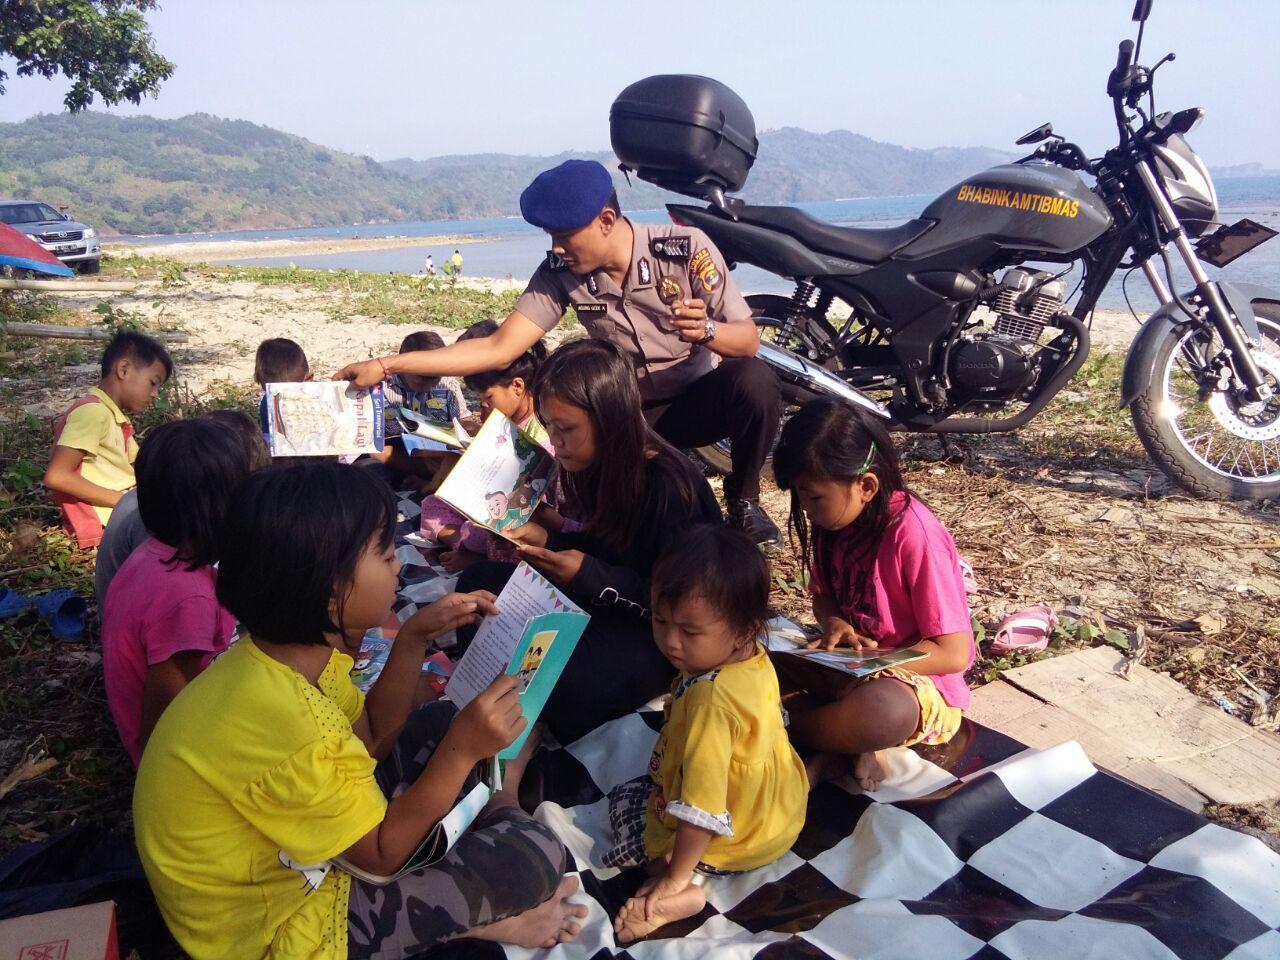 Melihat Anak Pesisir Membaca Buku, Kebahagiaan bagi Anggota Polair Ini